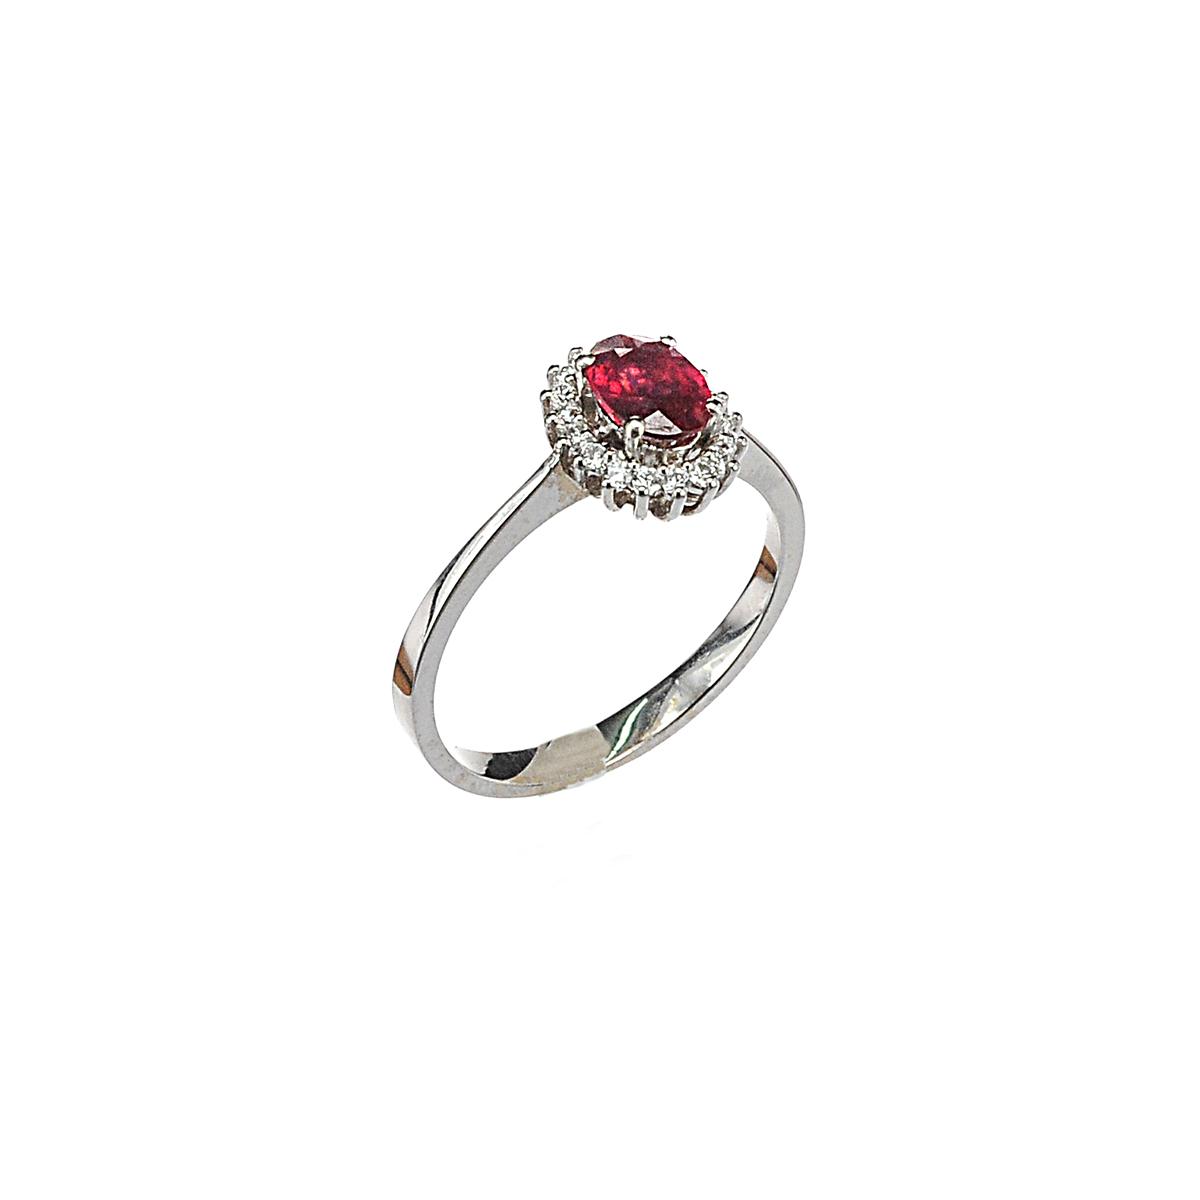 δαχτυλίδι ροζέτα ρουμπίνι daxtylidi rozeta roumpini diamantia 4118 b40d9d18e1f